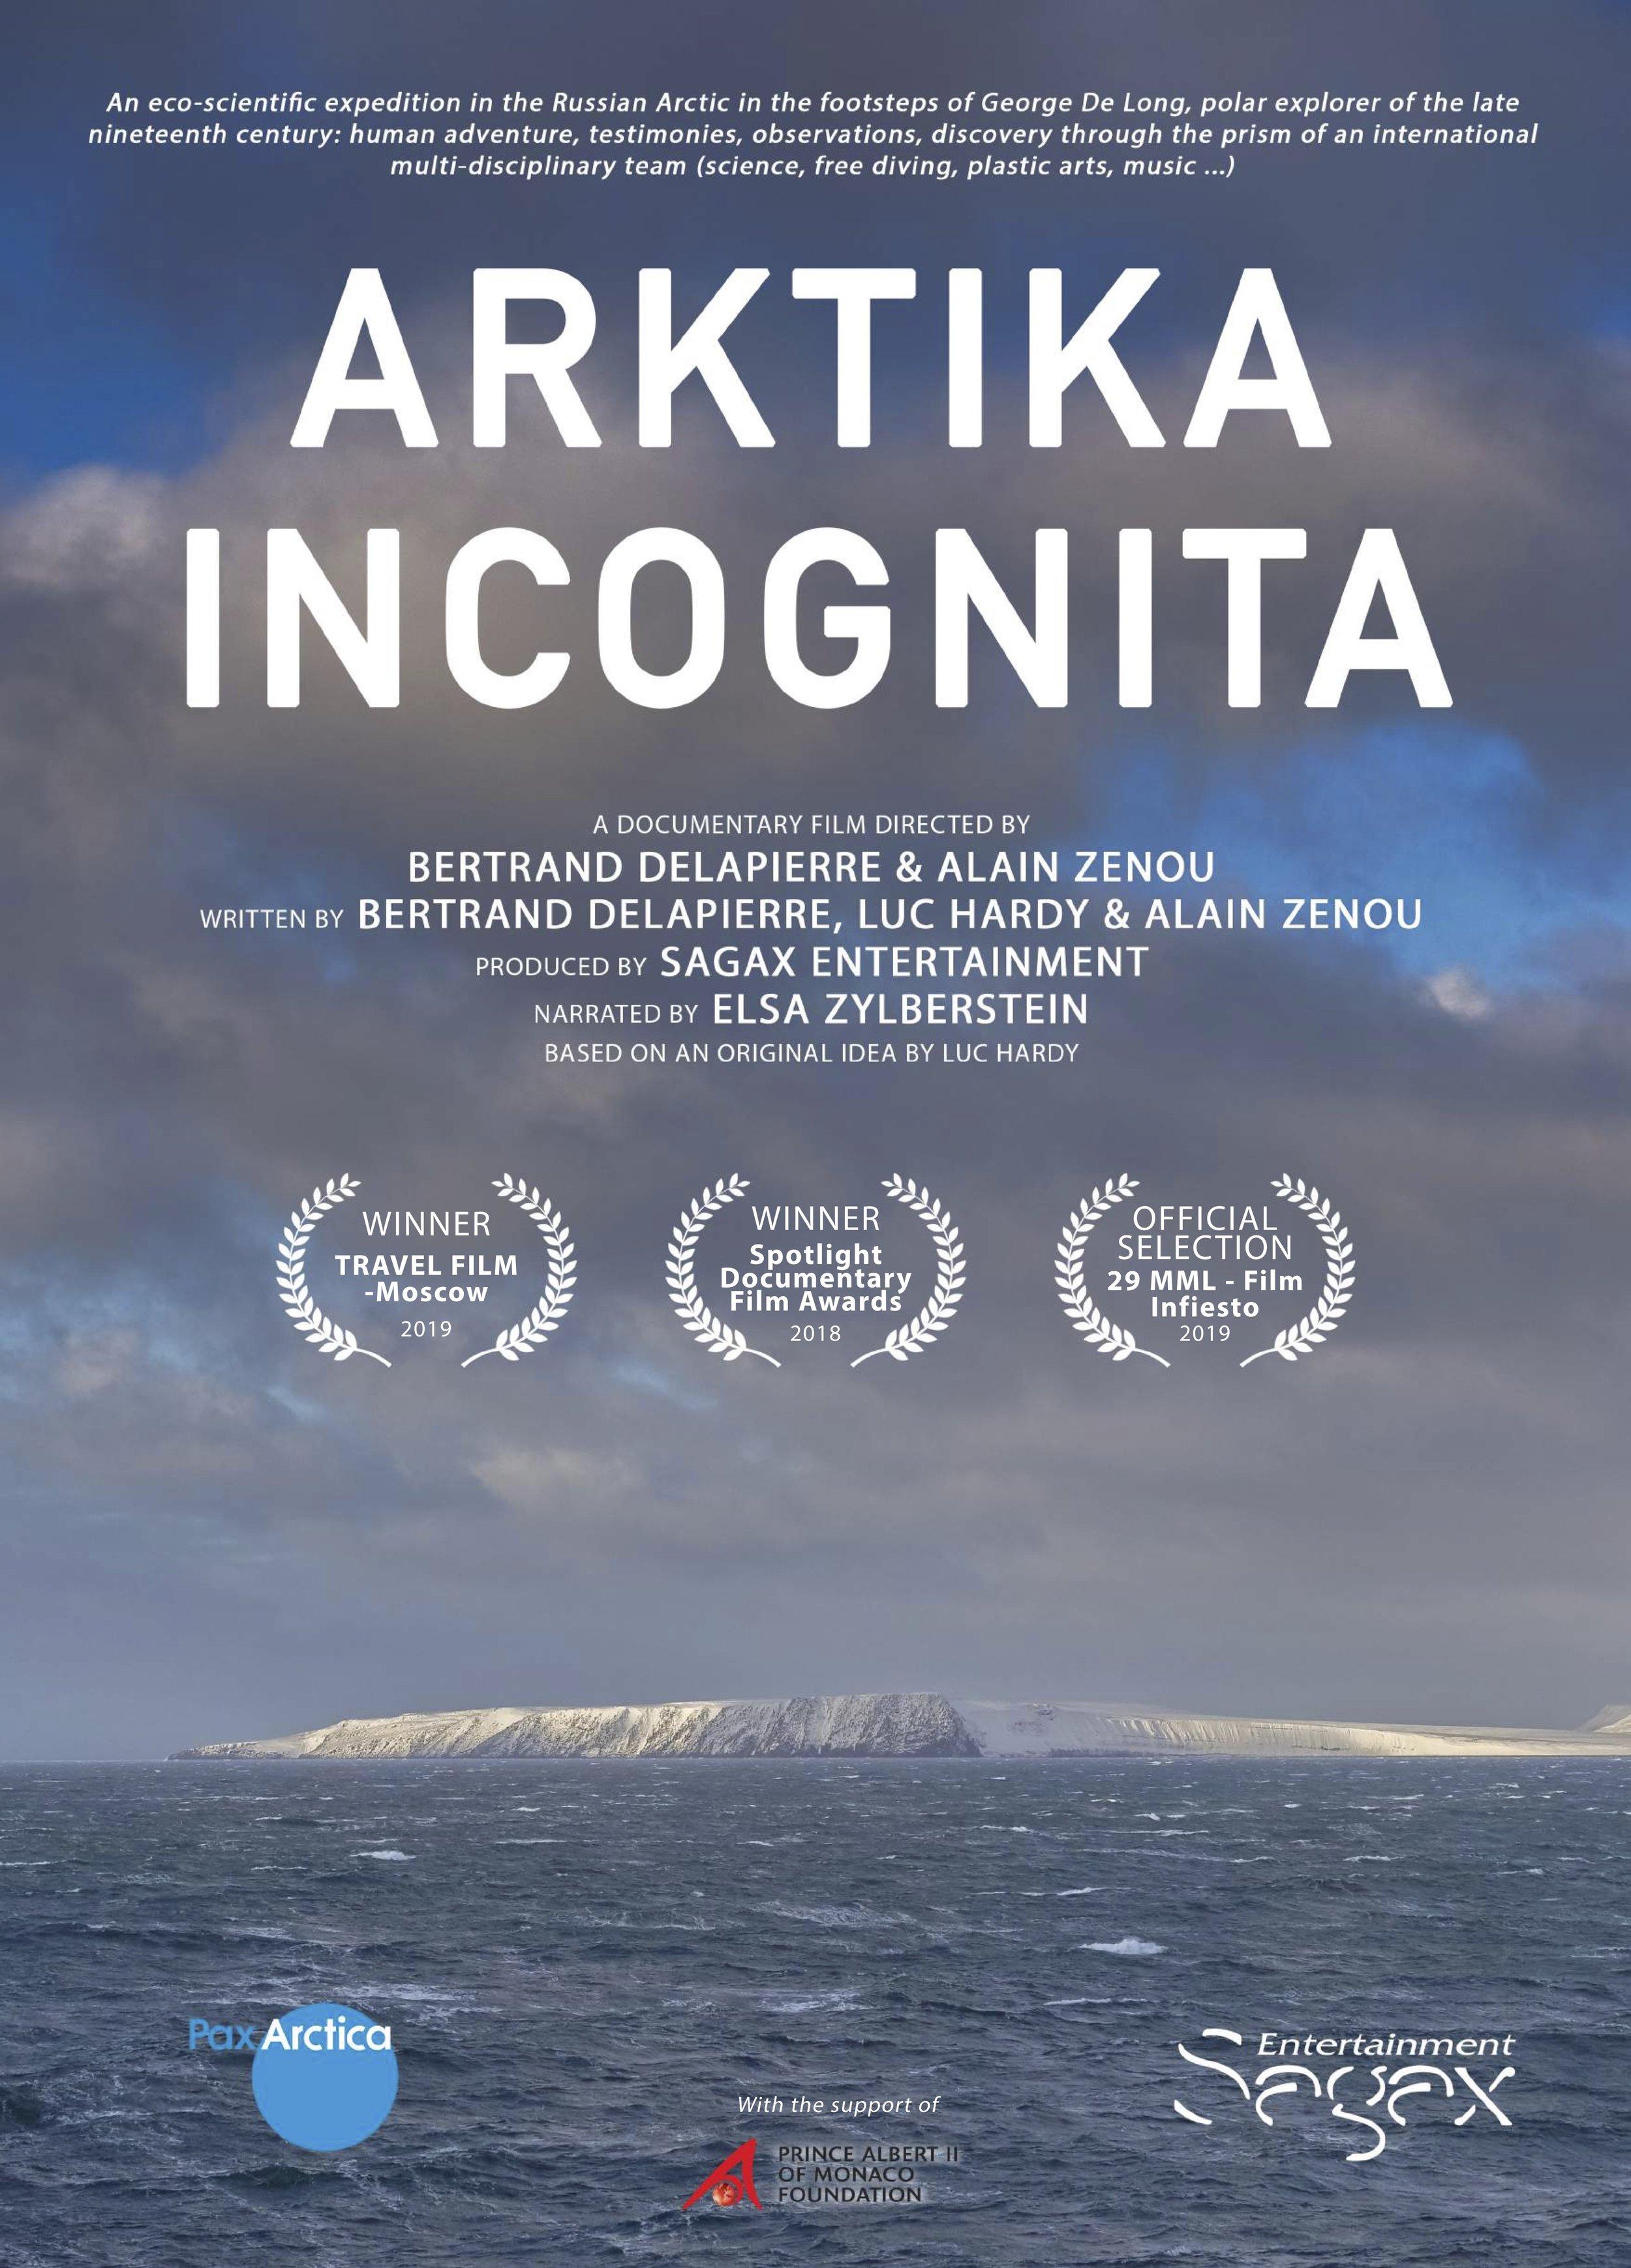 Arktika poster 12.2 VA.jpeg